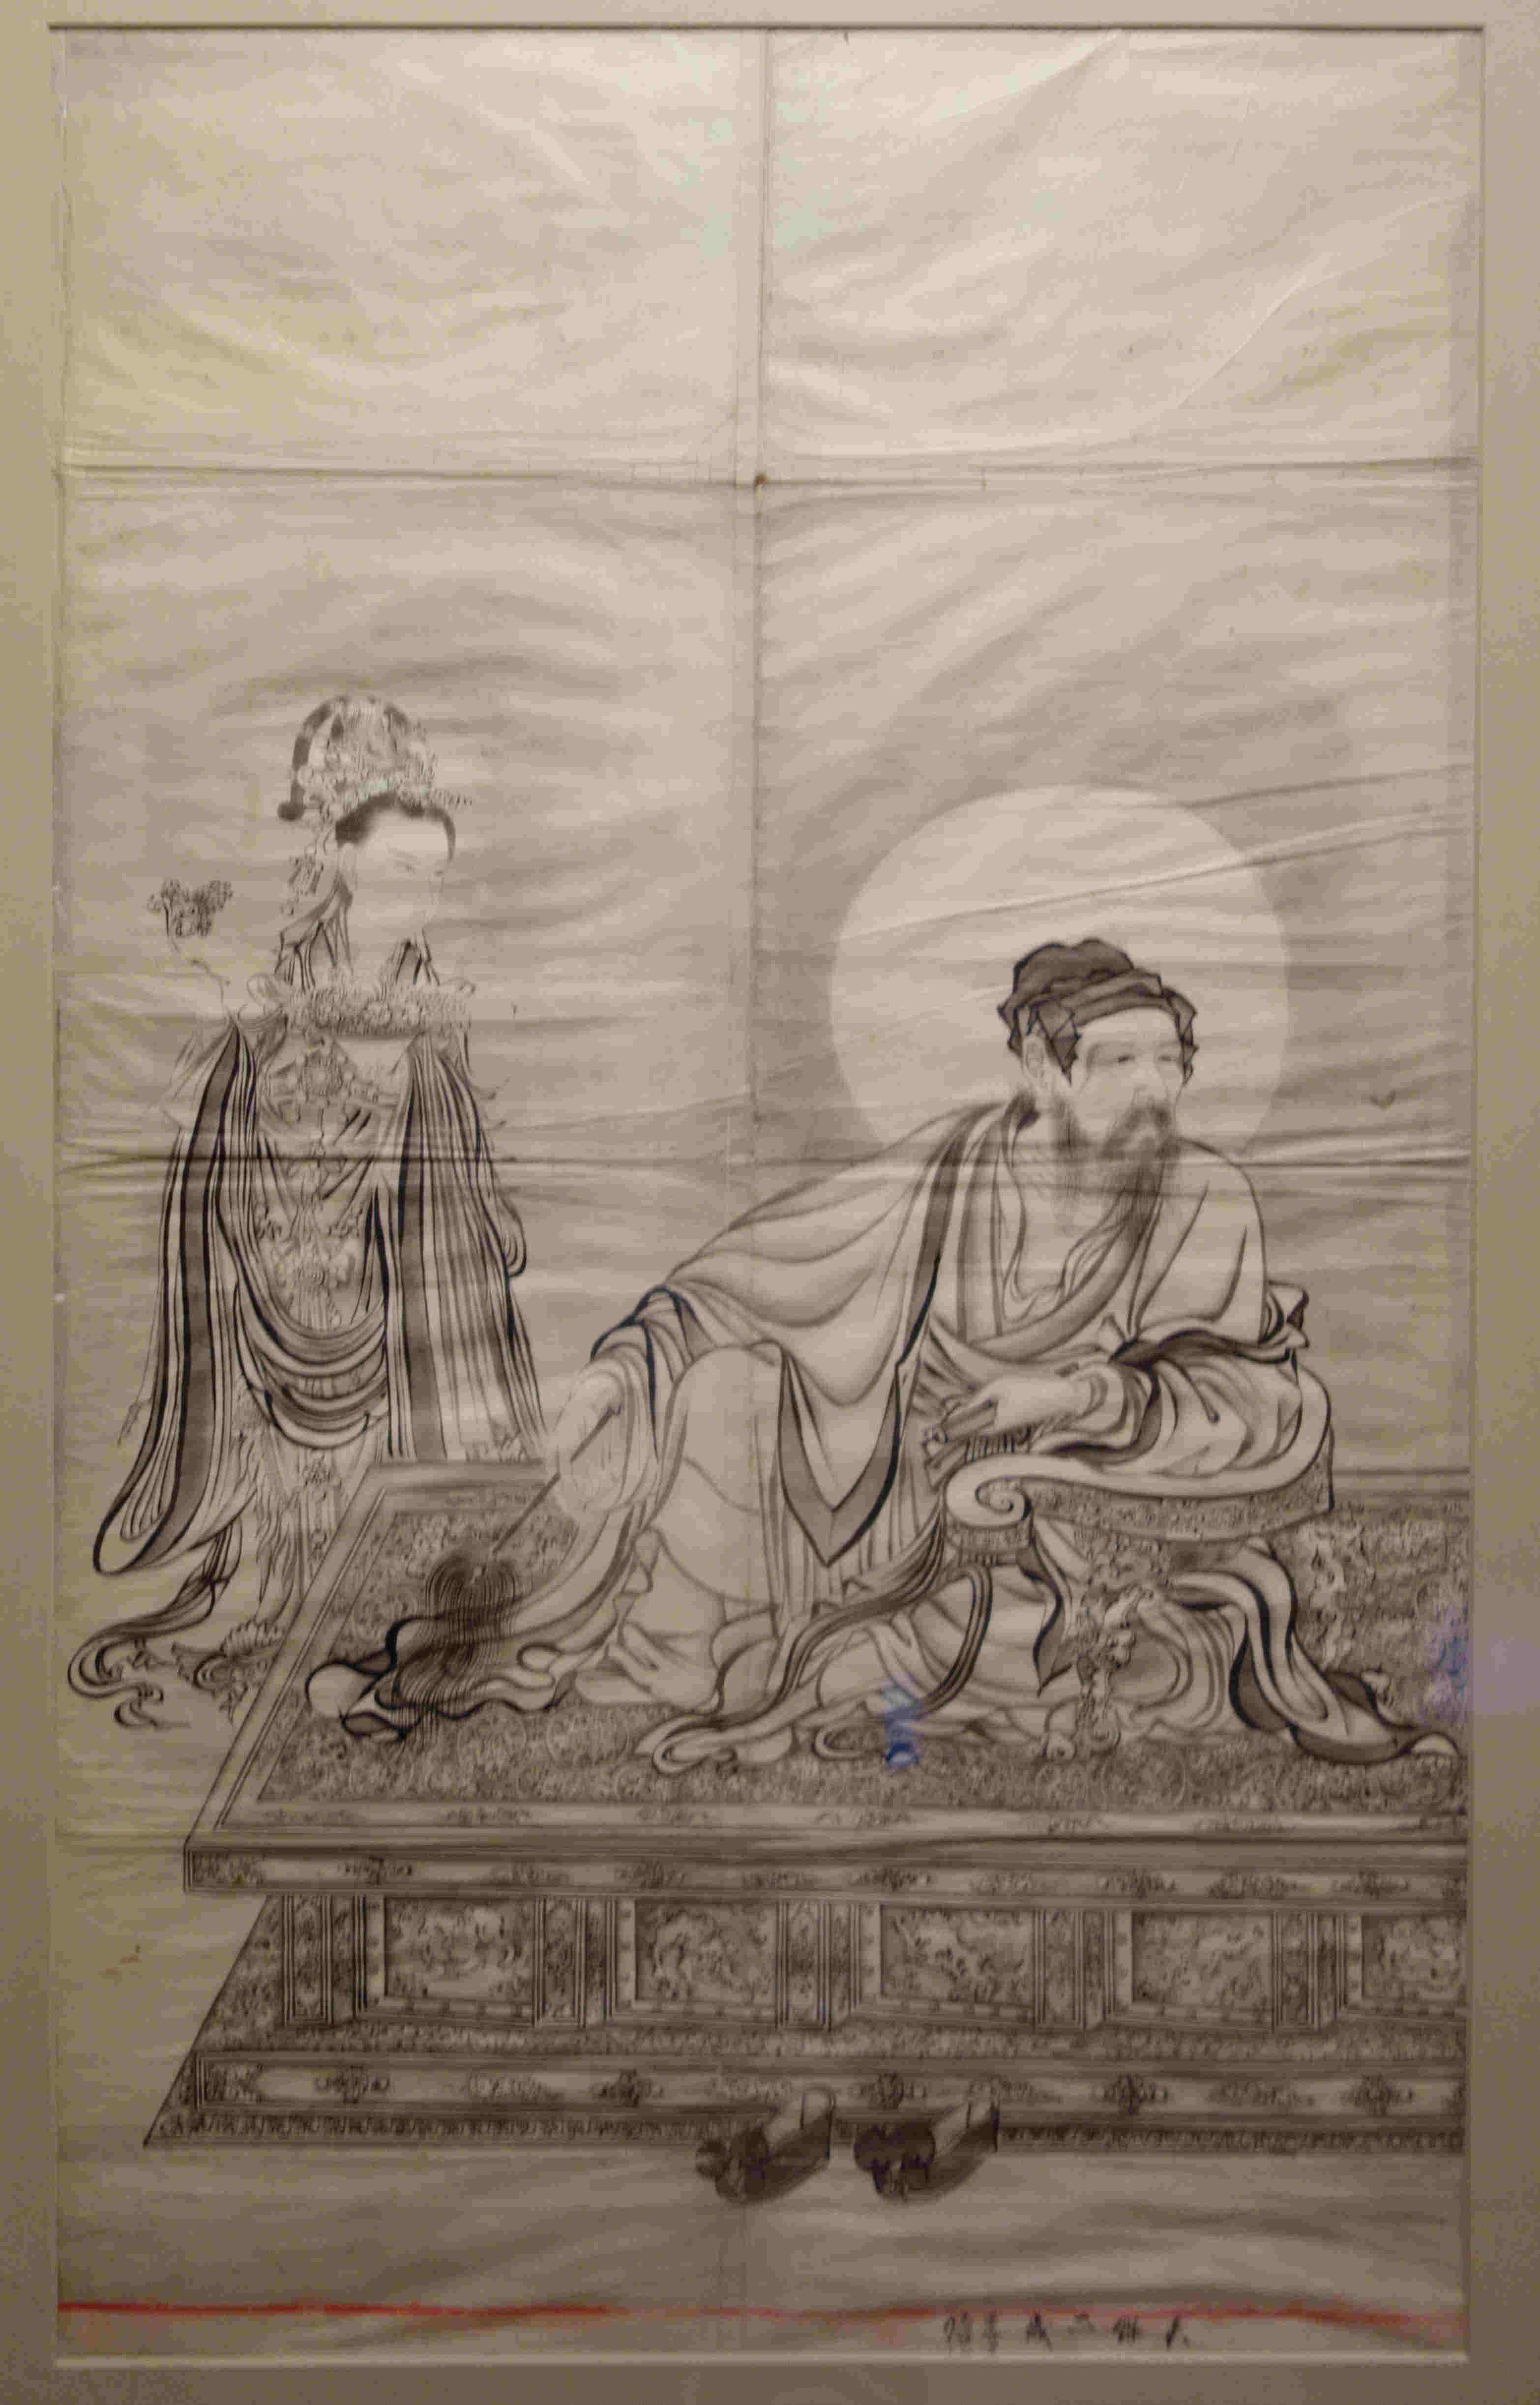 Li Lung-Mein